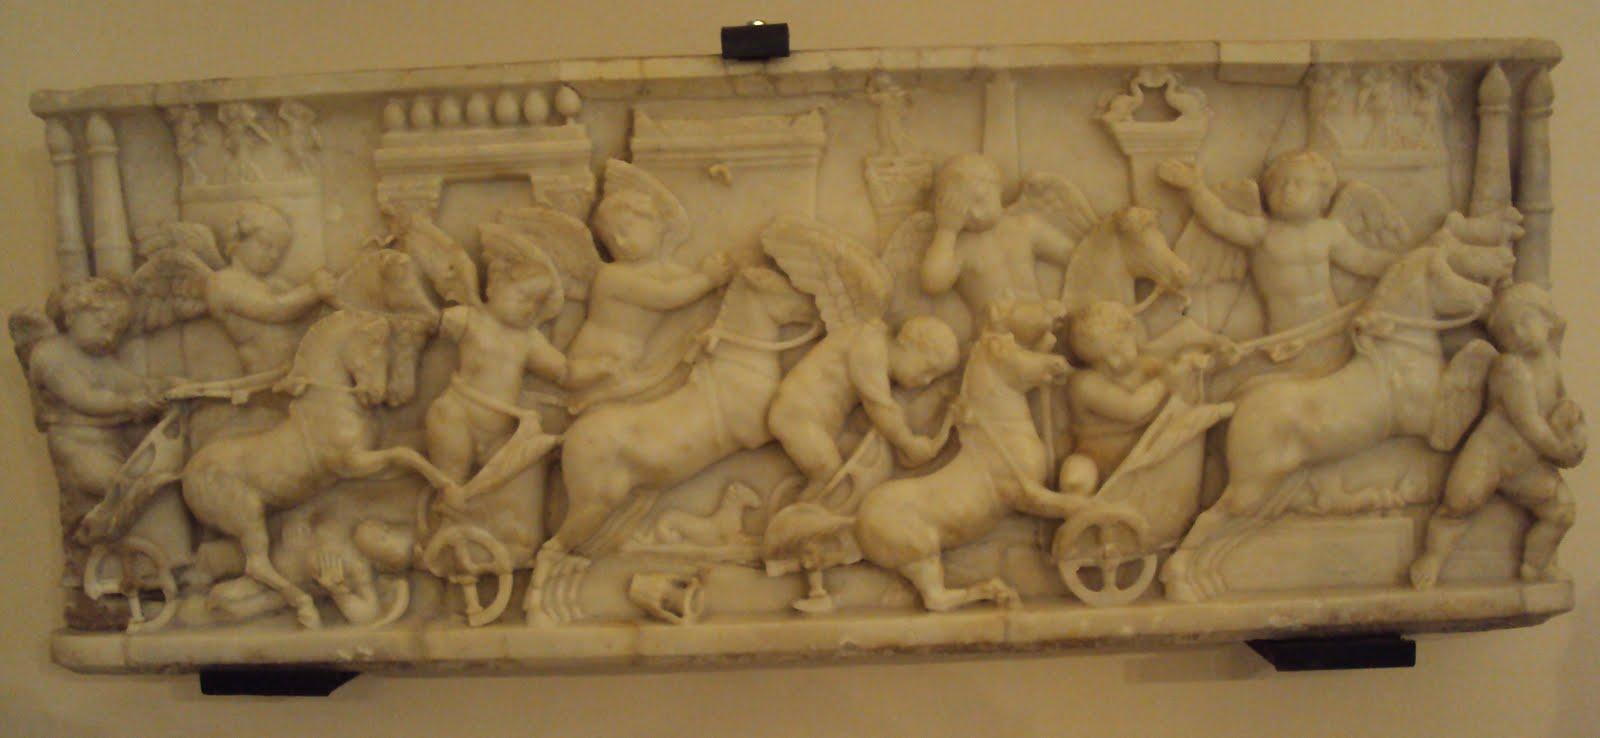 Gli Equites: il Ludus Troiae e l'asse equinoziale – Paolo Galiano ©